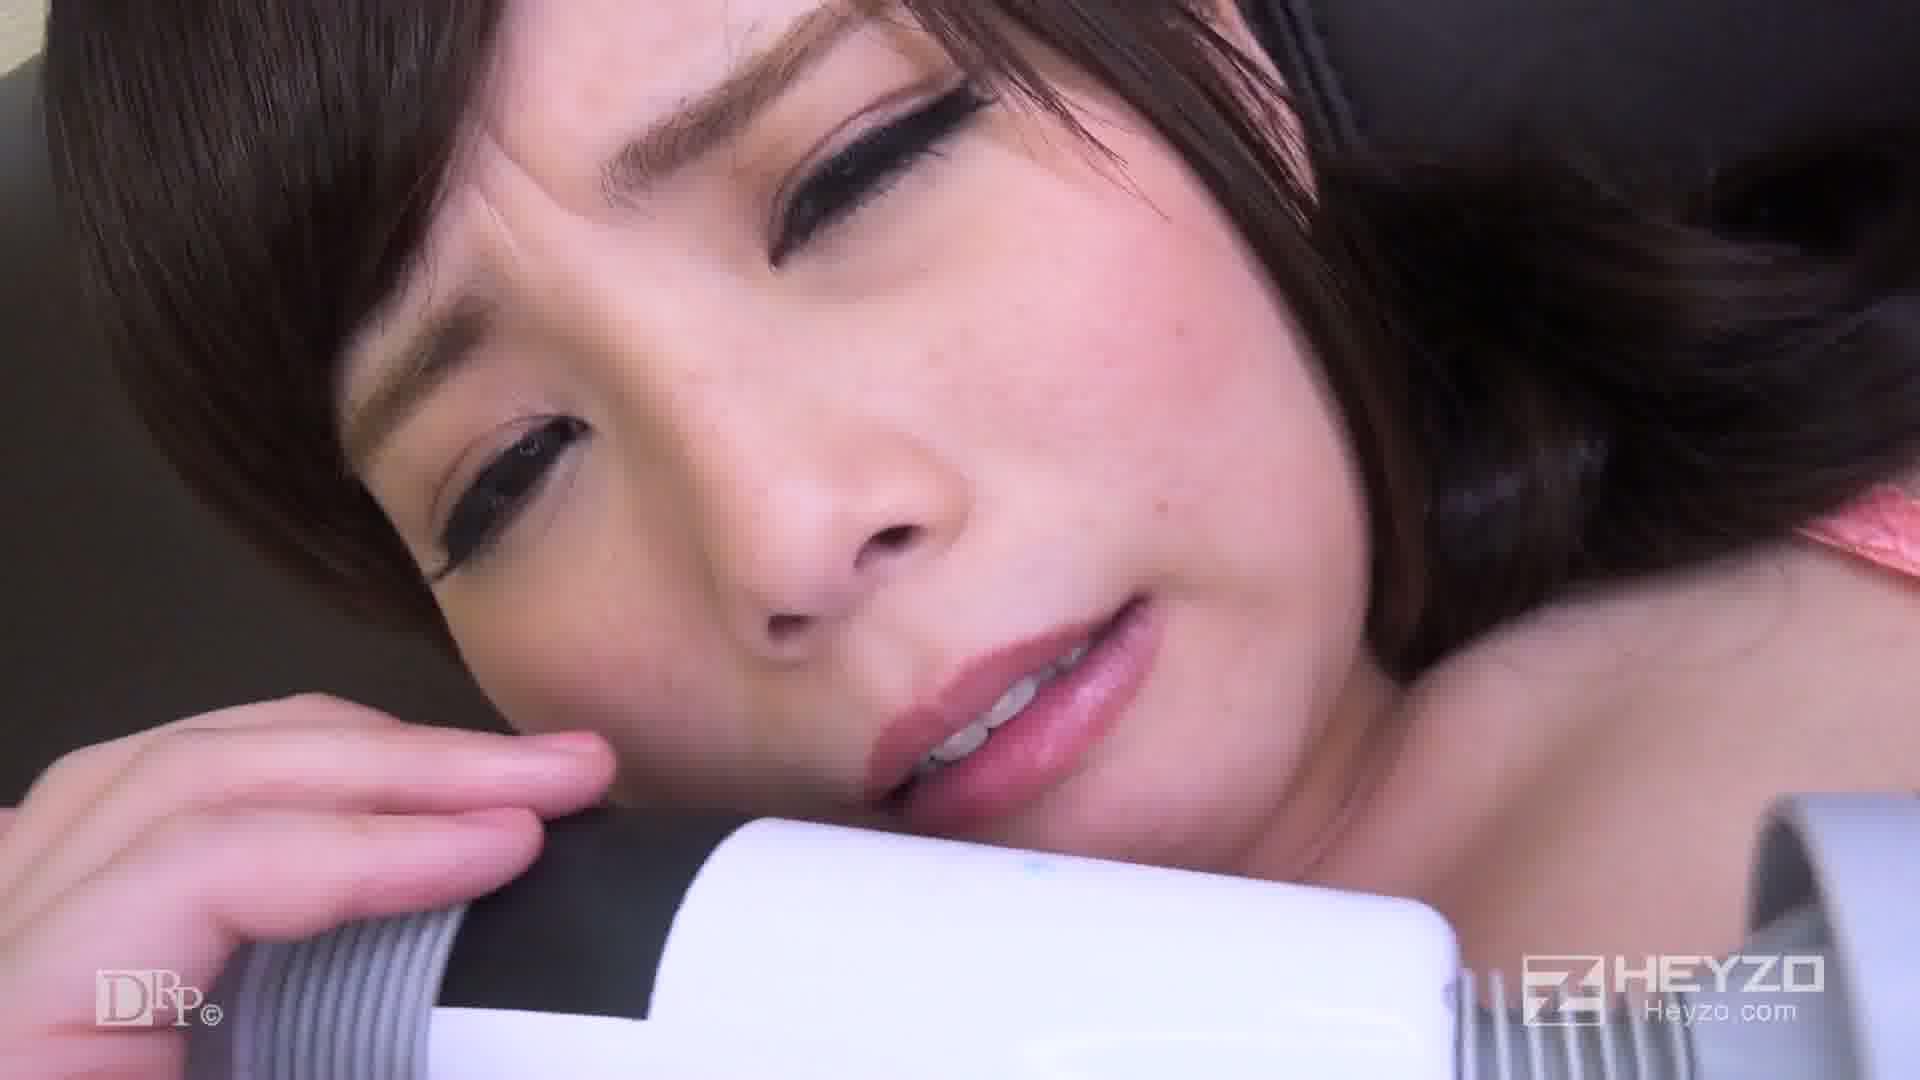 何でもするから誰にも言わないで!~ヒミツの代償~ - 椎名みゆ【ローター 電マ オナニー】